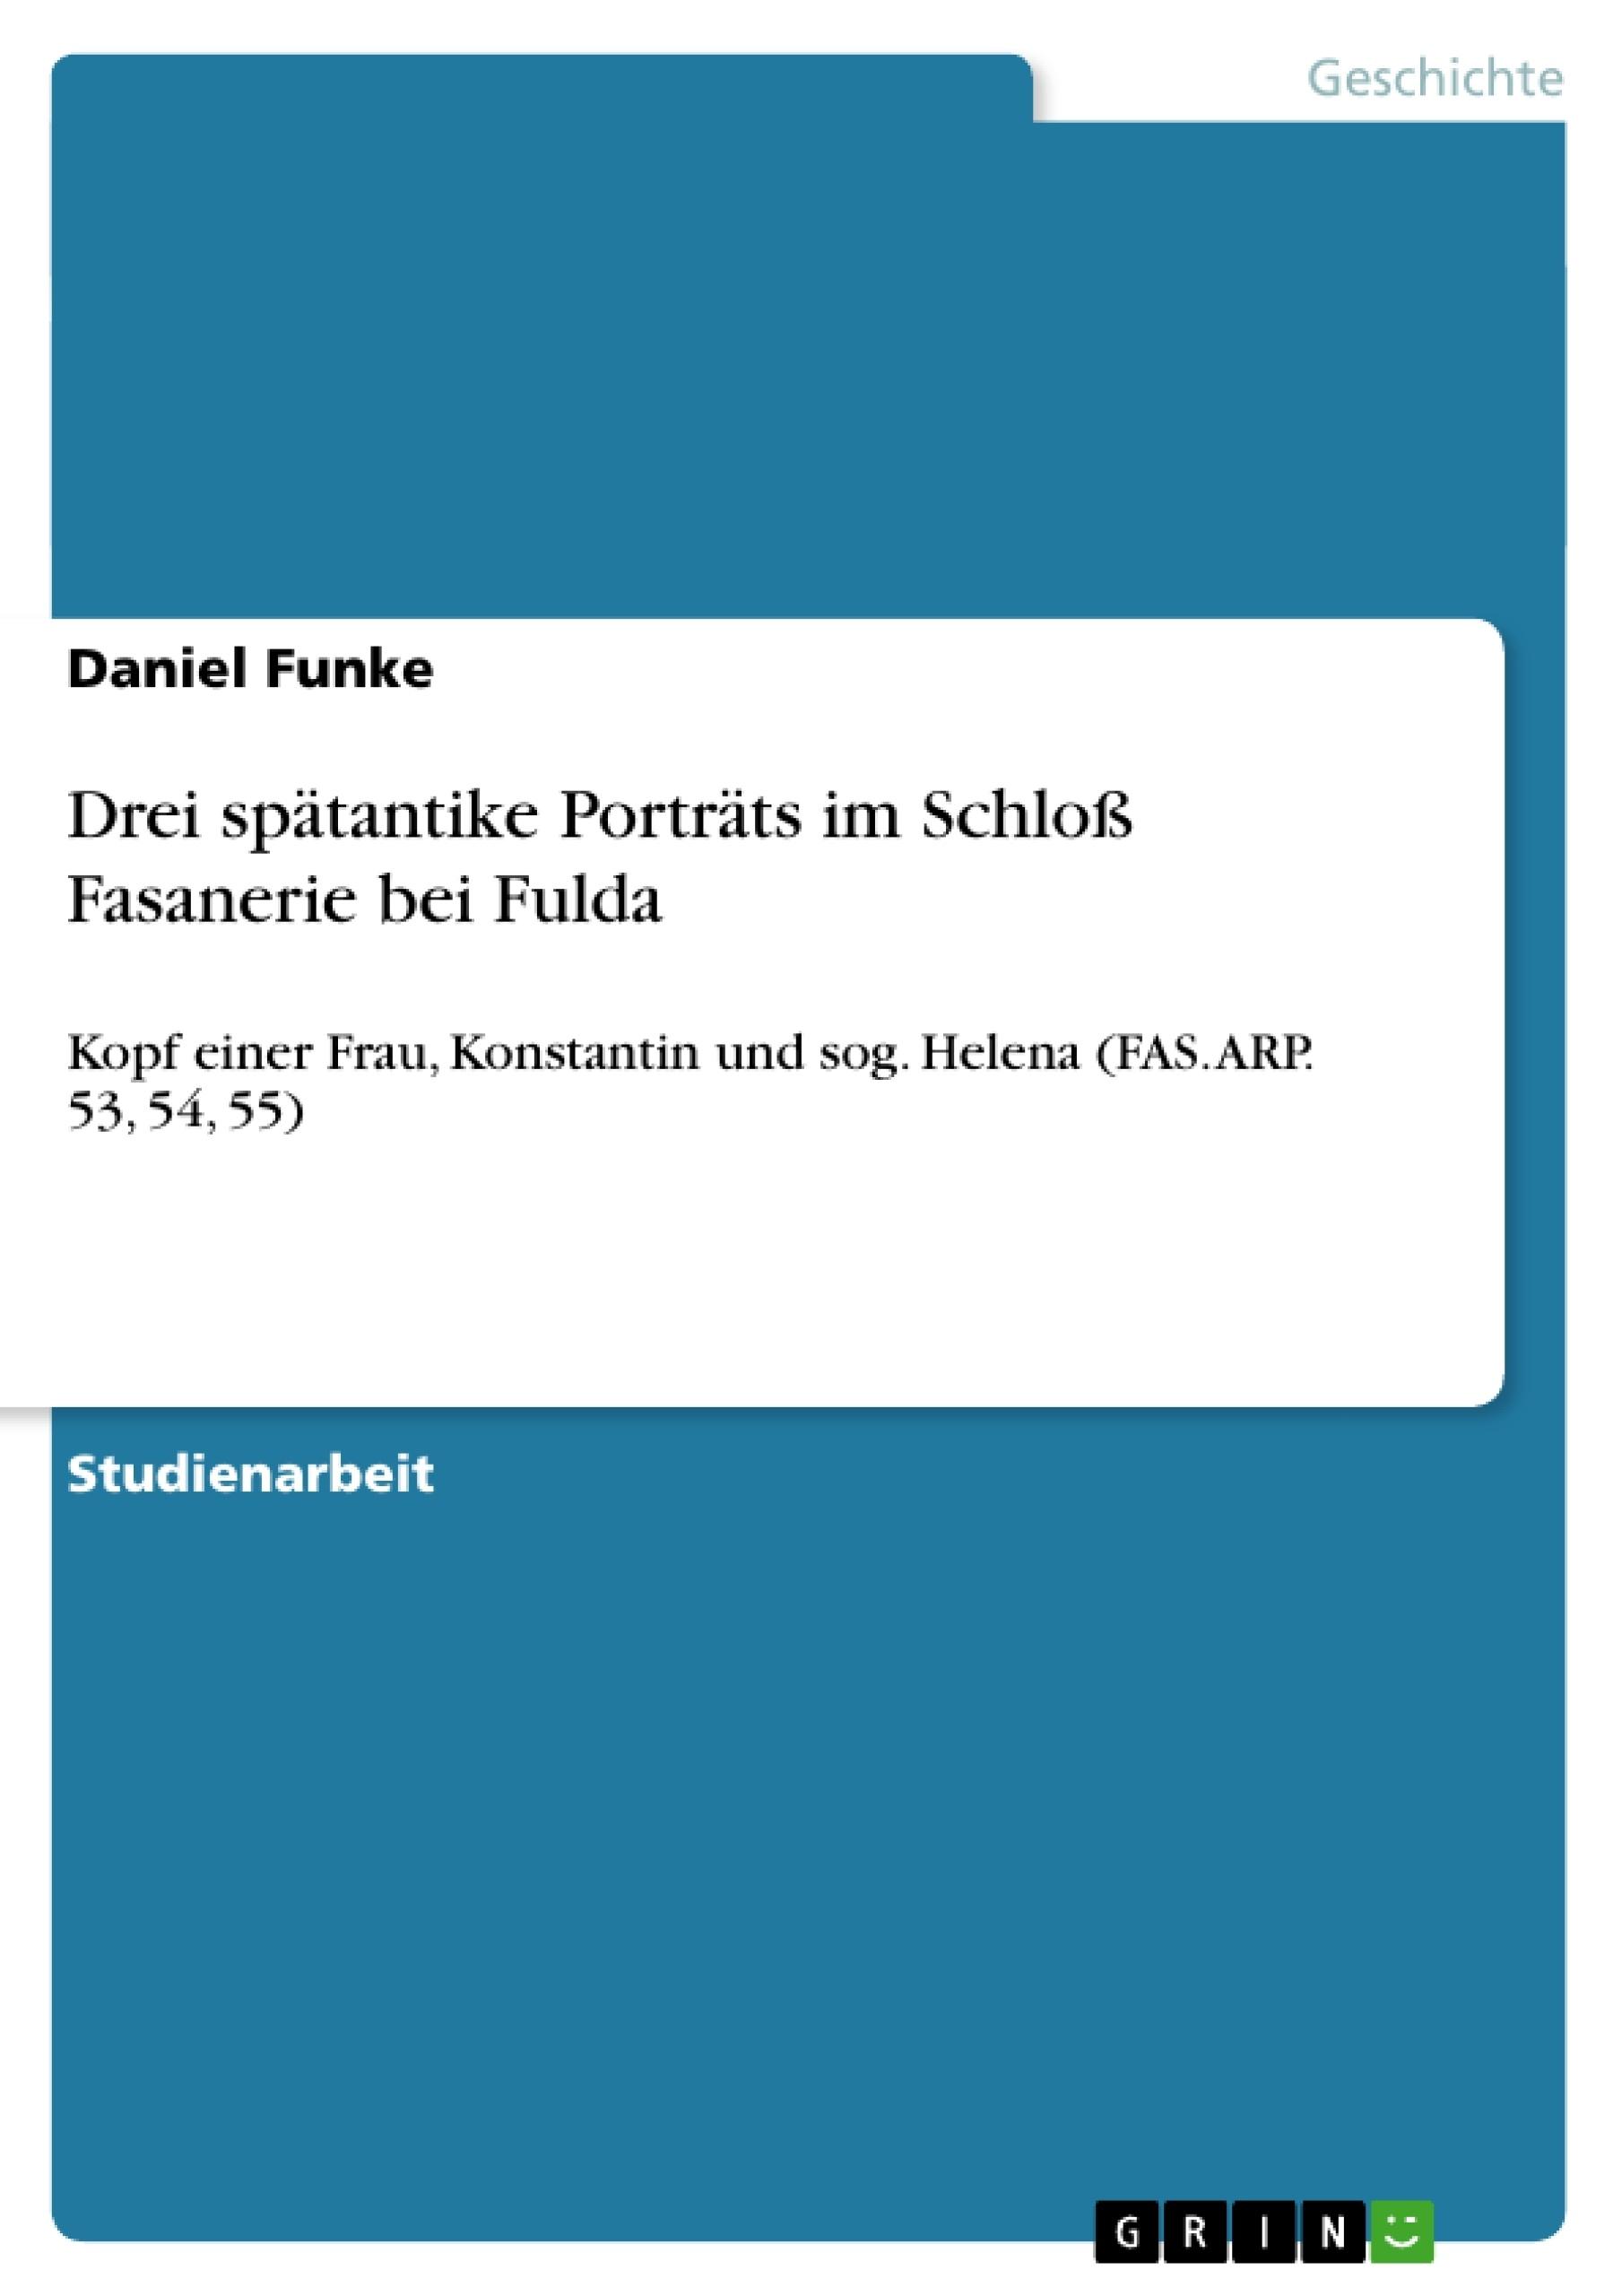 Titel: Drei spätantike Porträts im Schloß Fasanerie bei Fulda